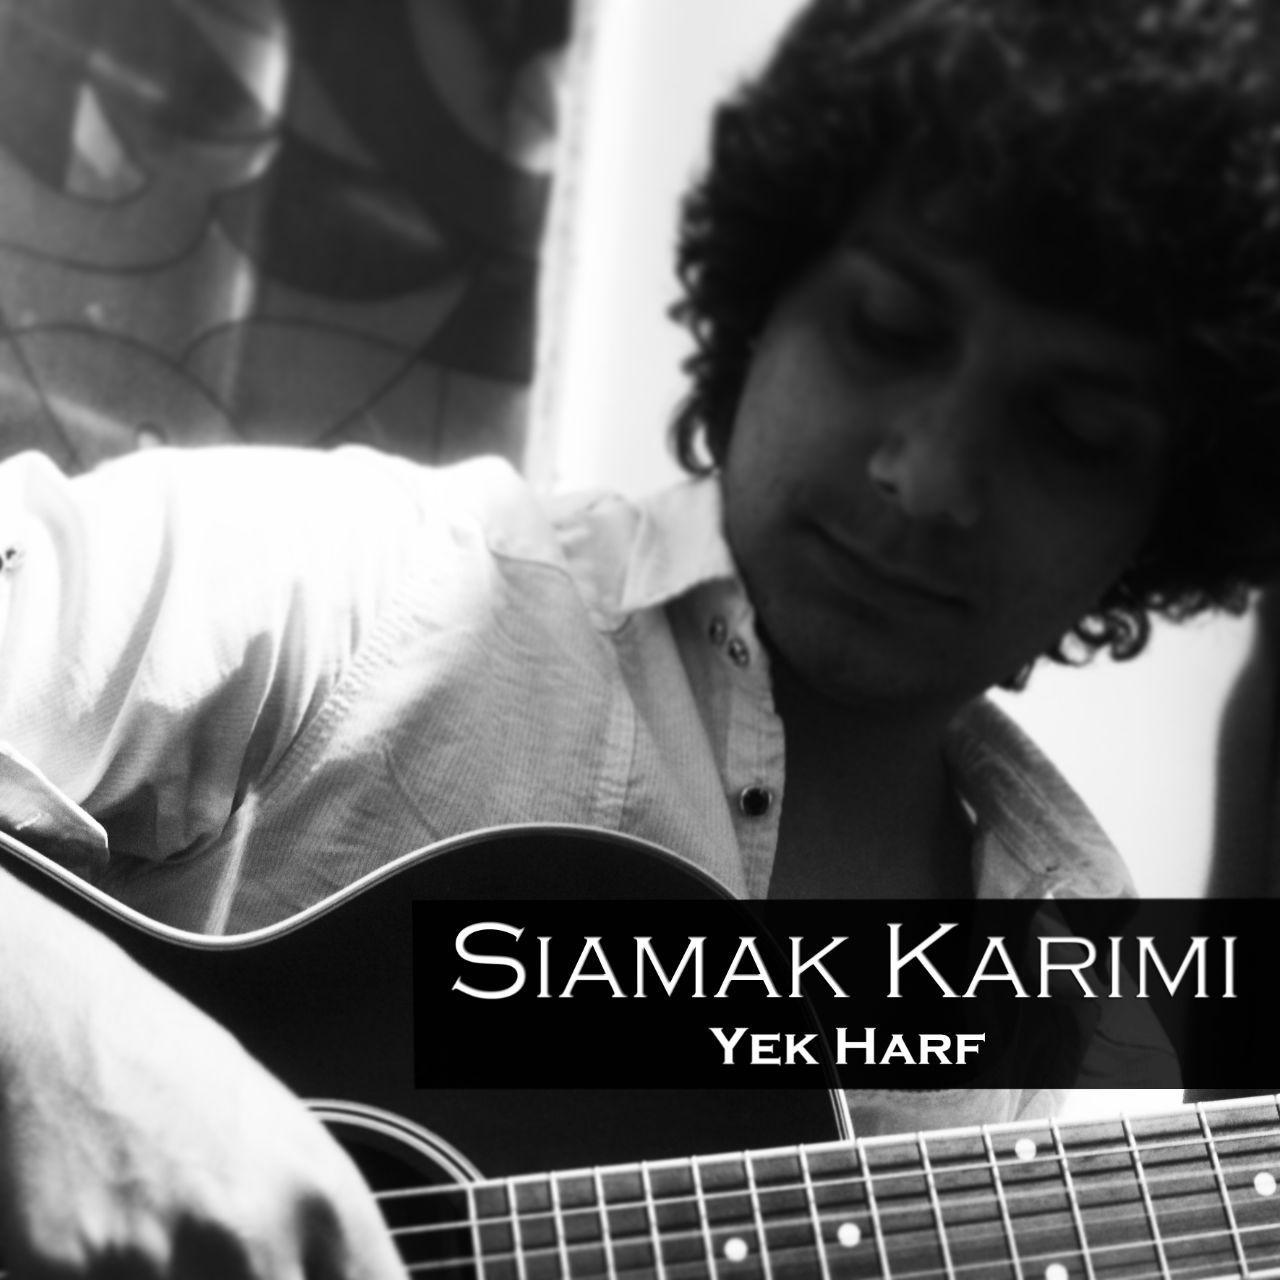 Siamak Karimi – Yek Harf